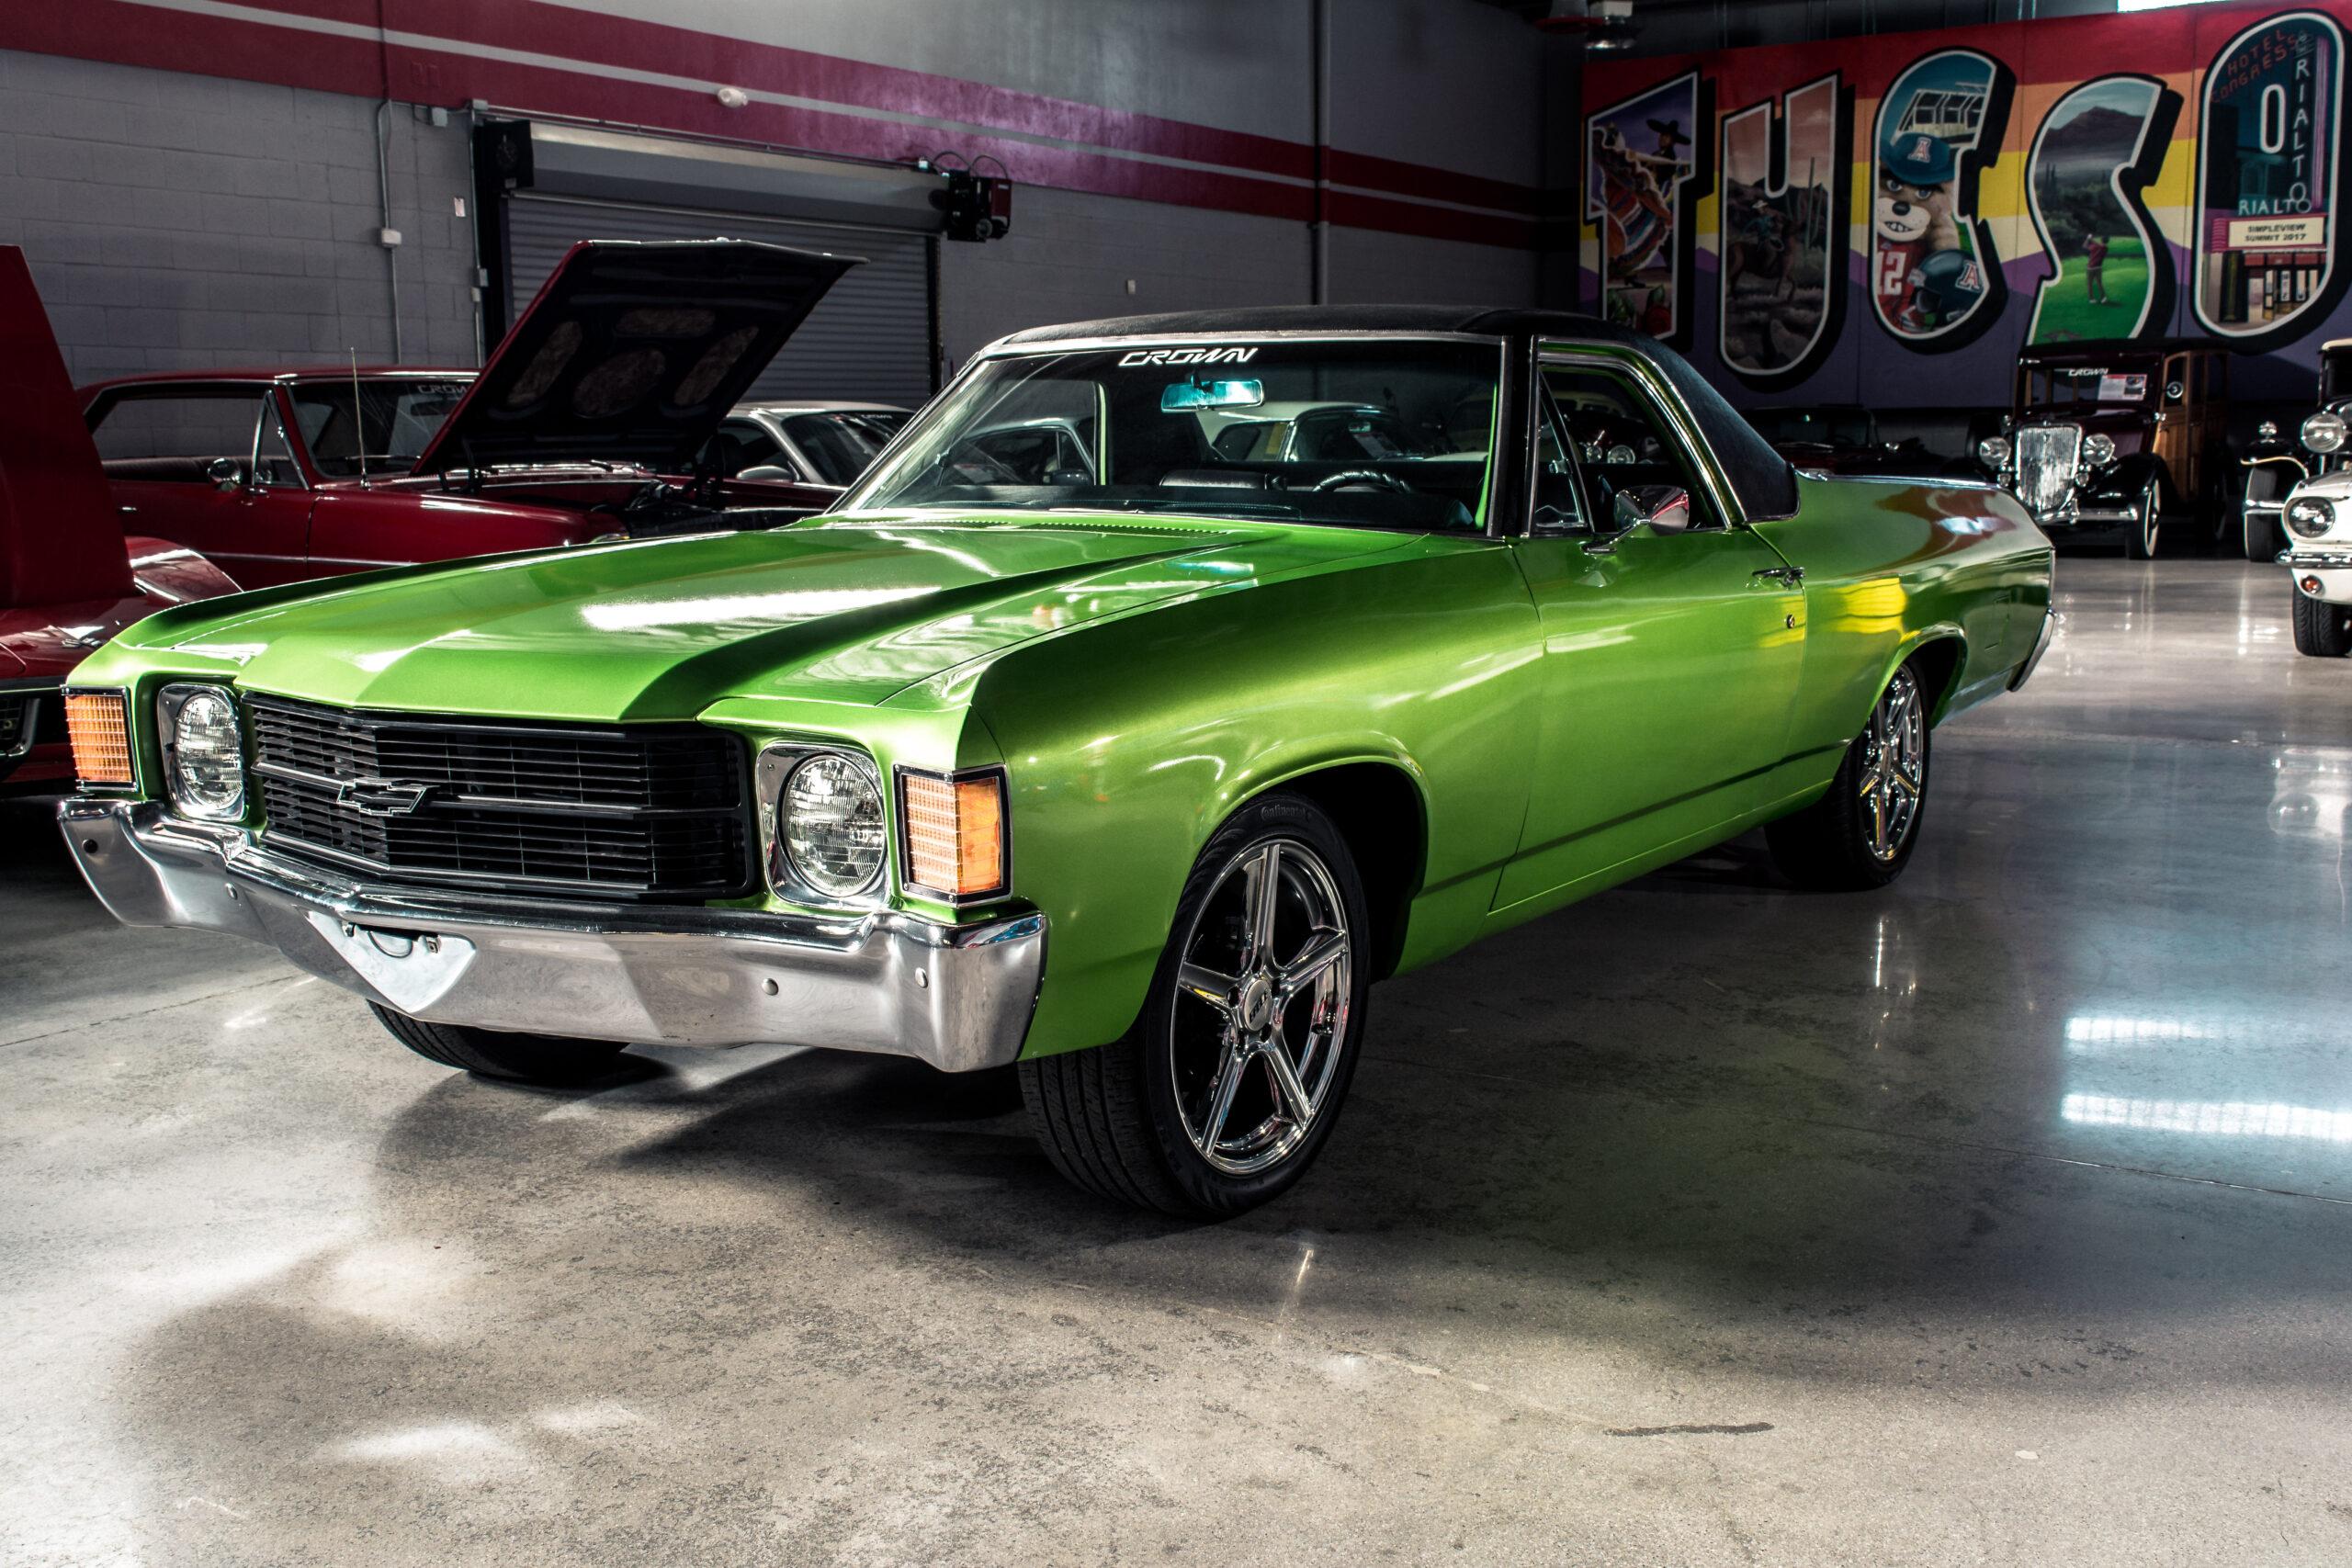 1971 Chevy El Camino Green